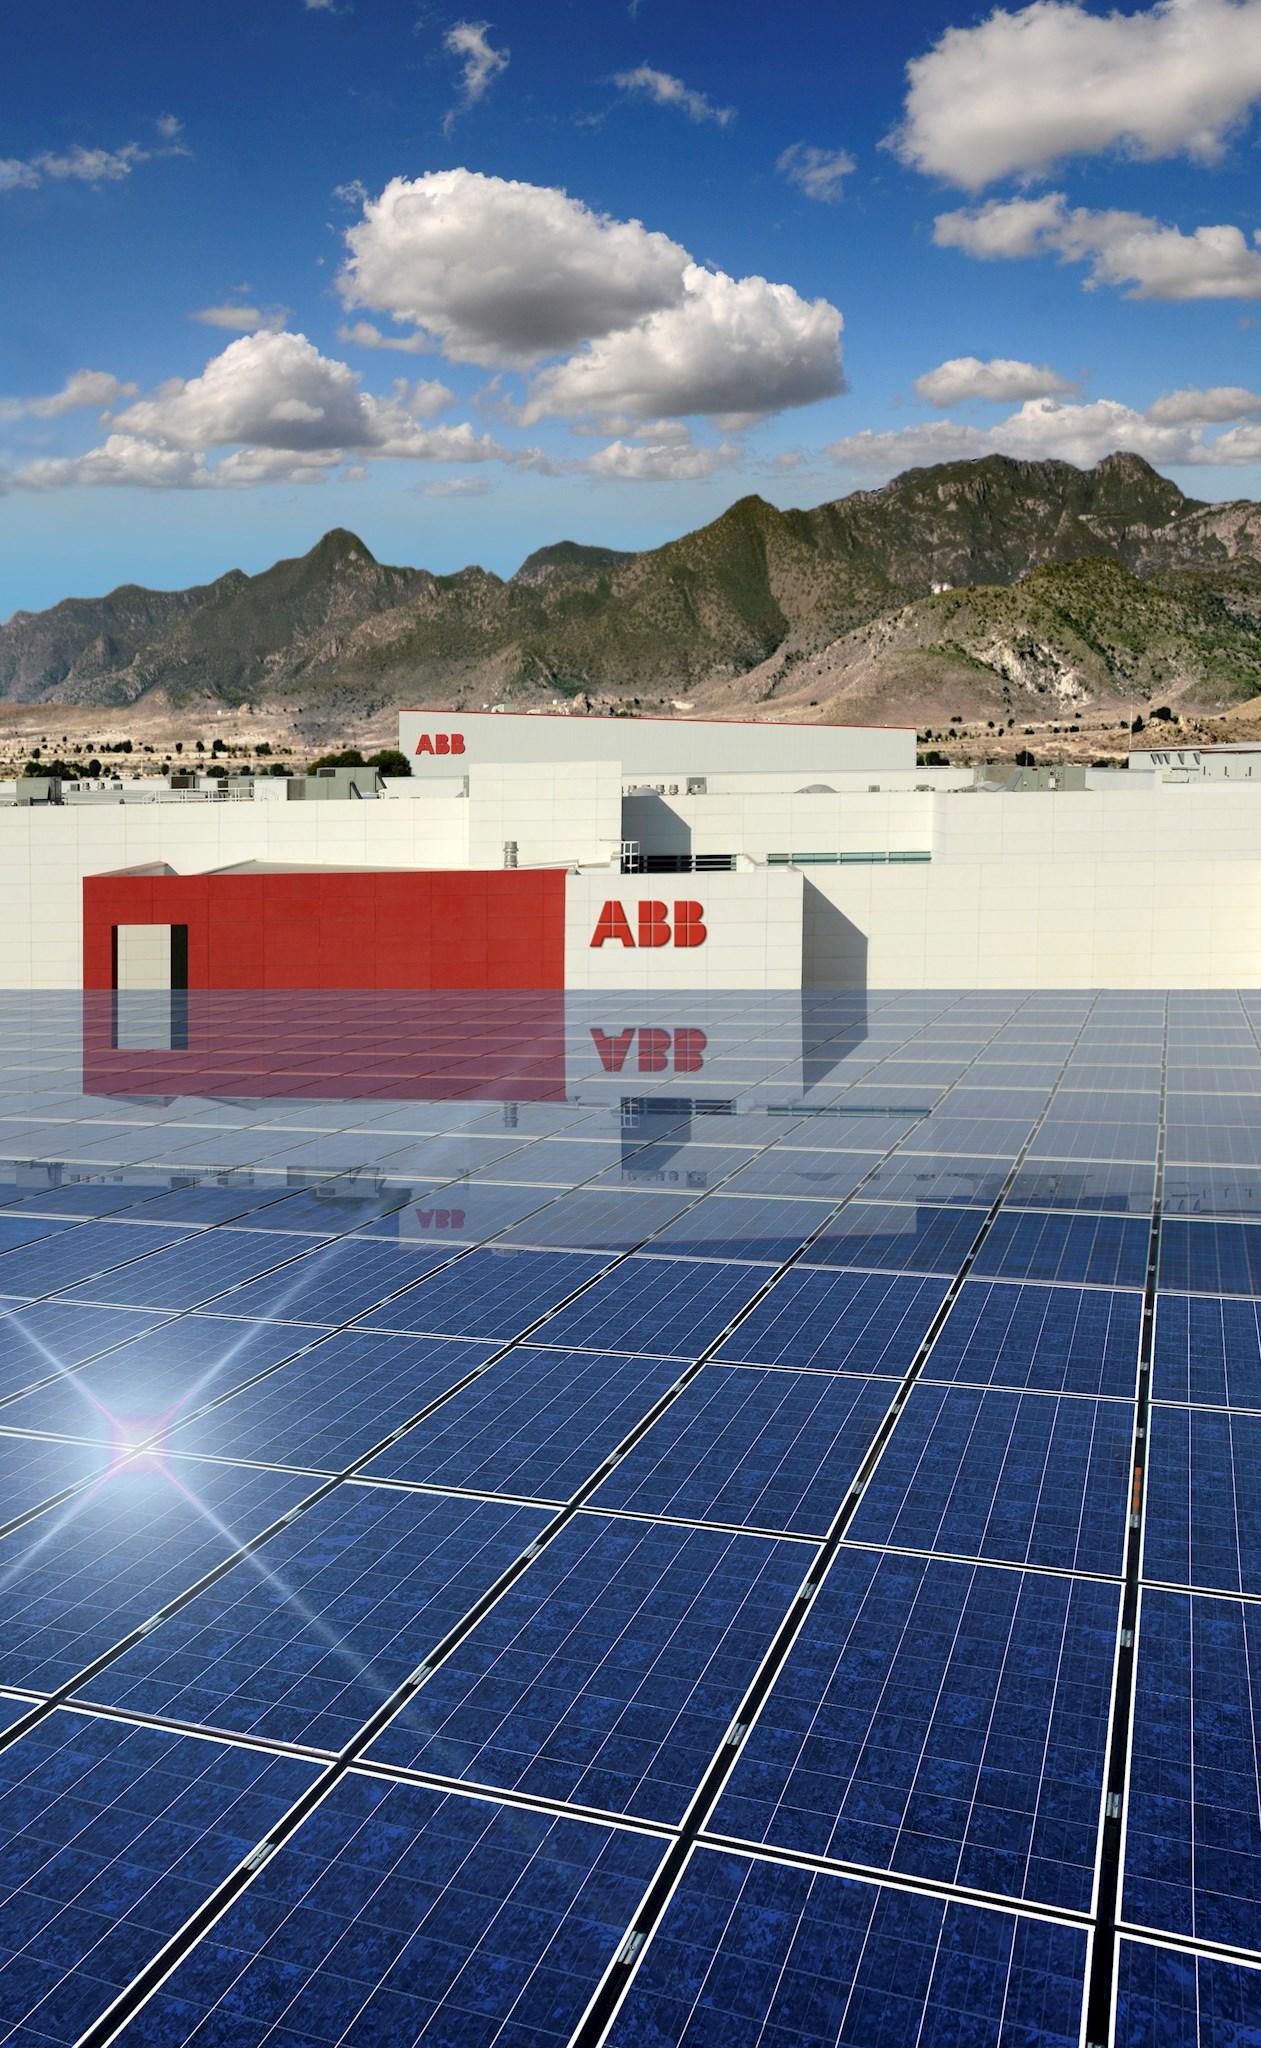 Der Engineering- und Fertigungskomplex von ABB in San Luis Potosí ist die erste Industrieanlage in ganz Mexiko, die ihre eigene Energie erzeugt.